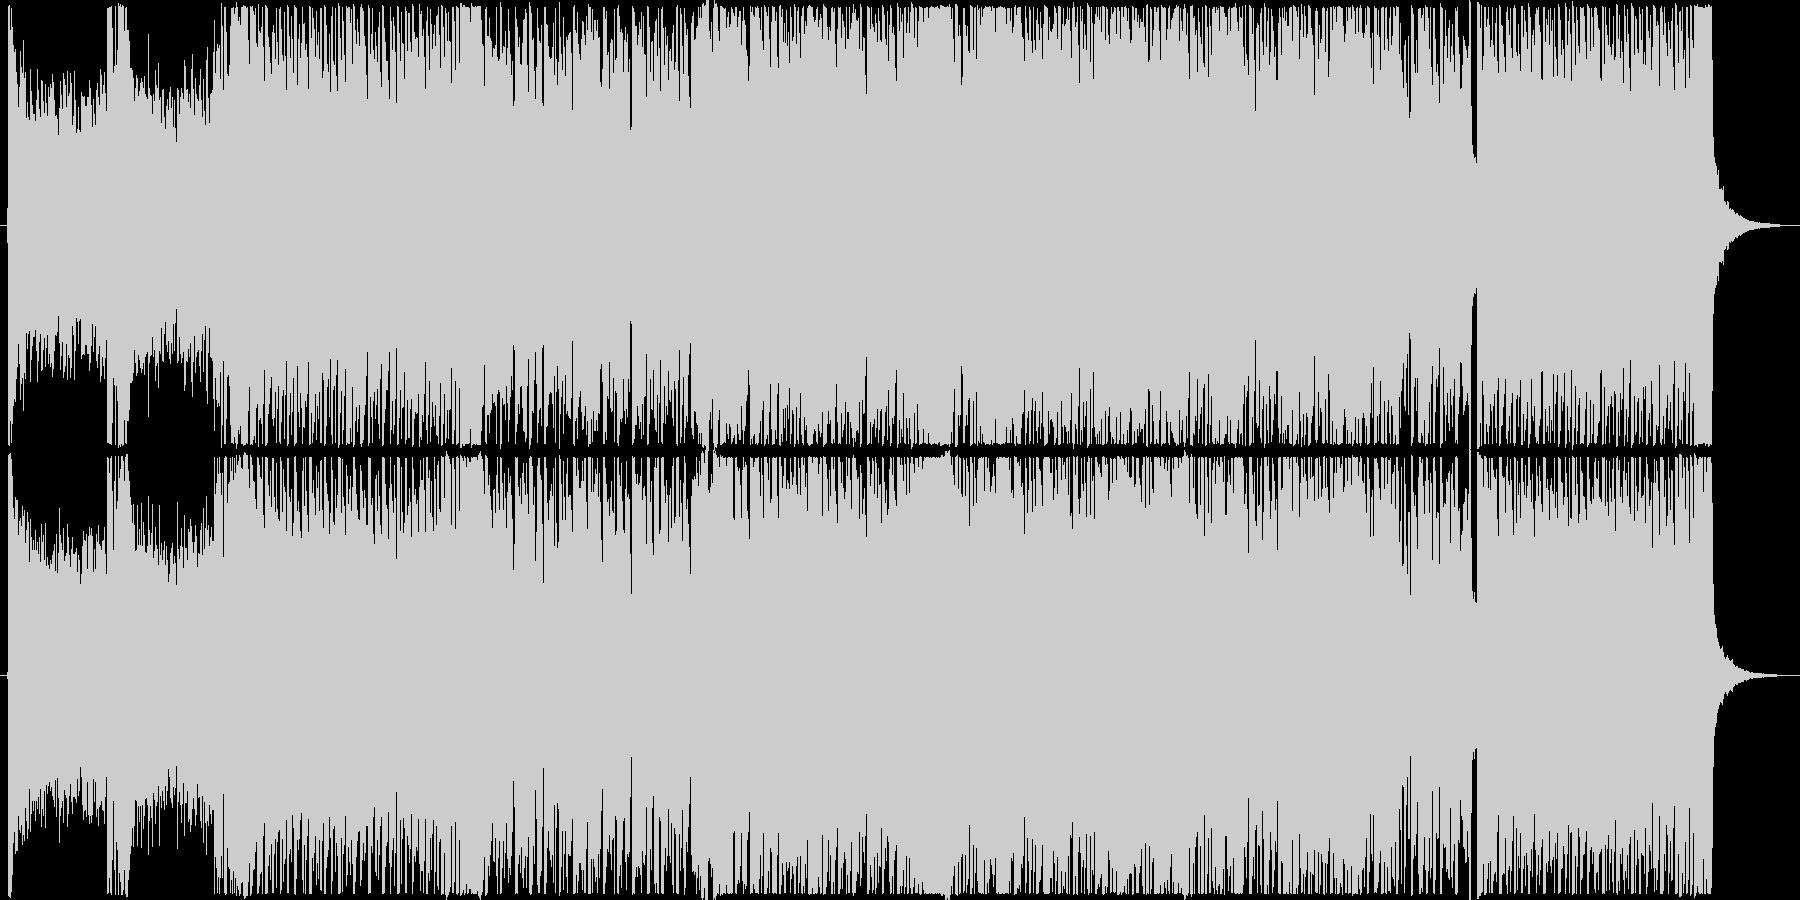 エレキギターのシリアスな戦闘曲風BGMの未再生の波形